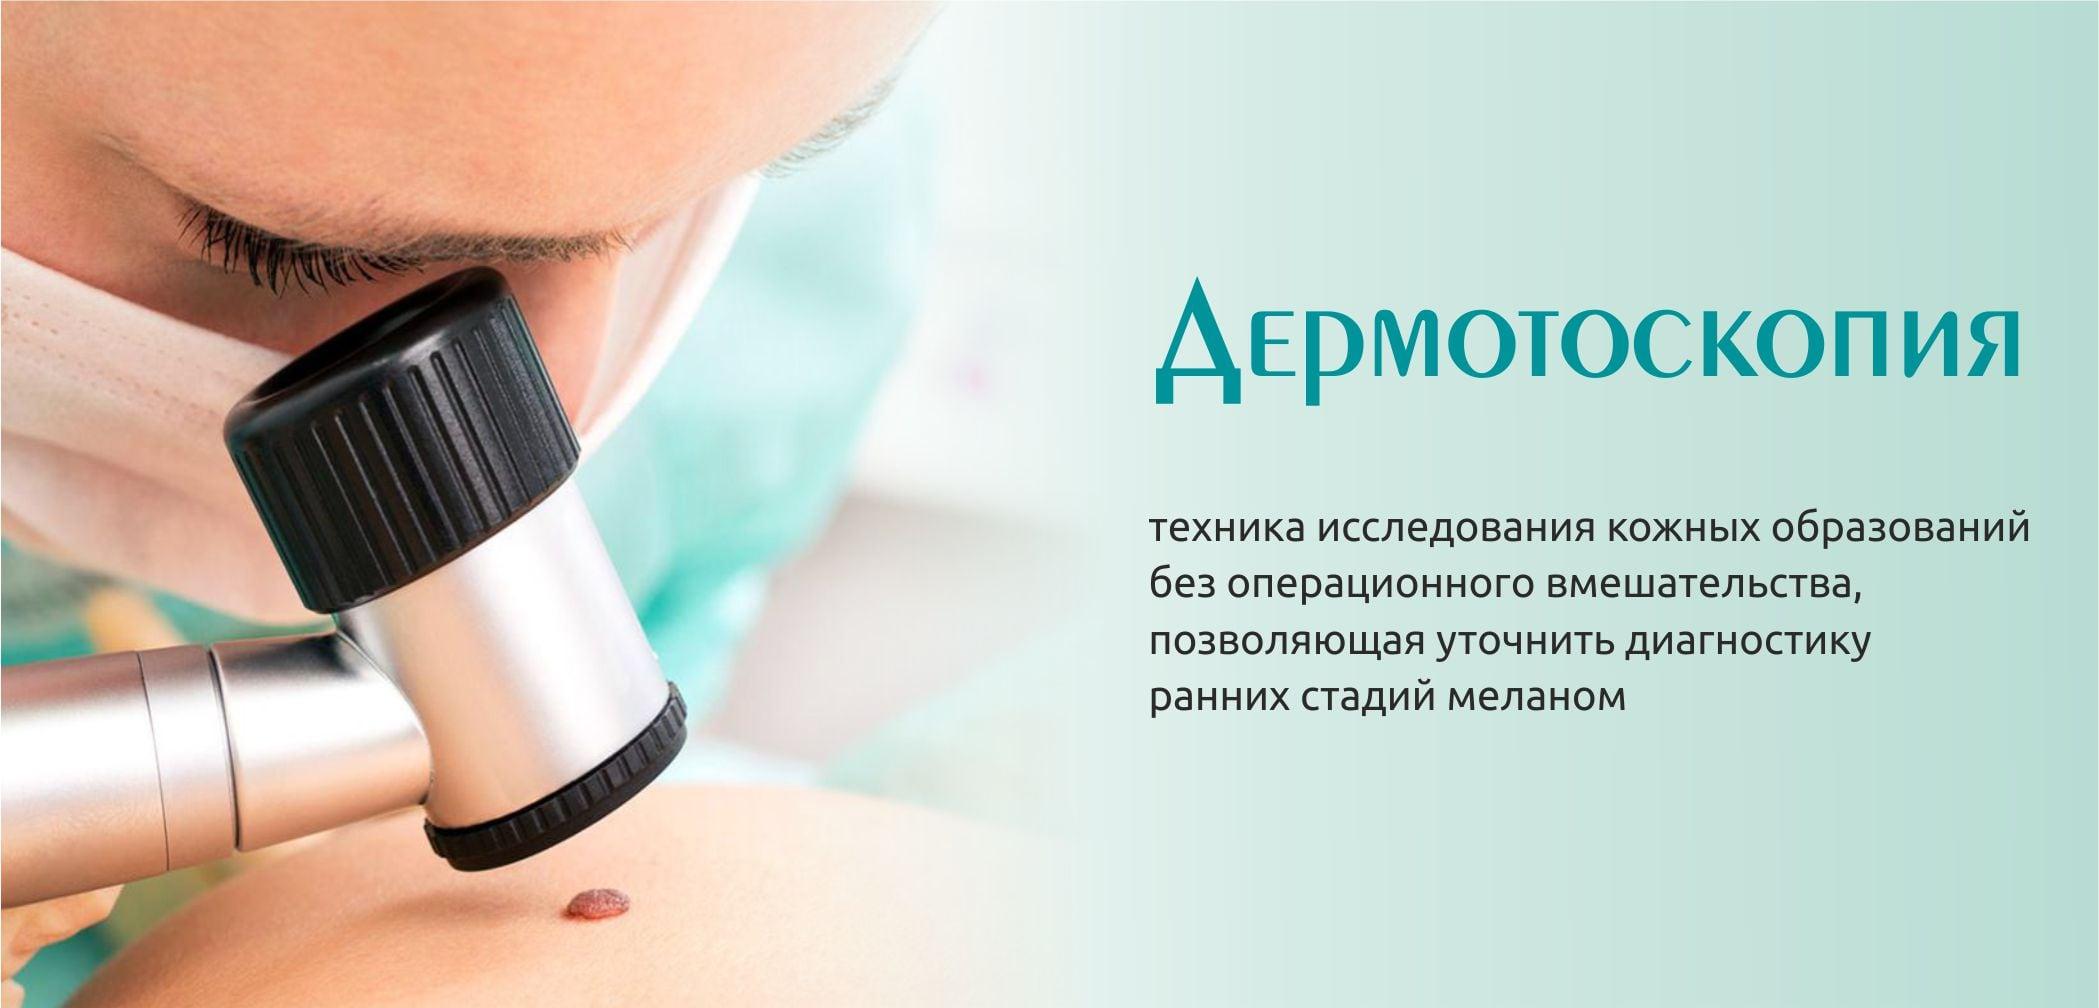 дерматоскопия01